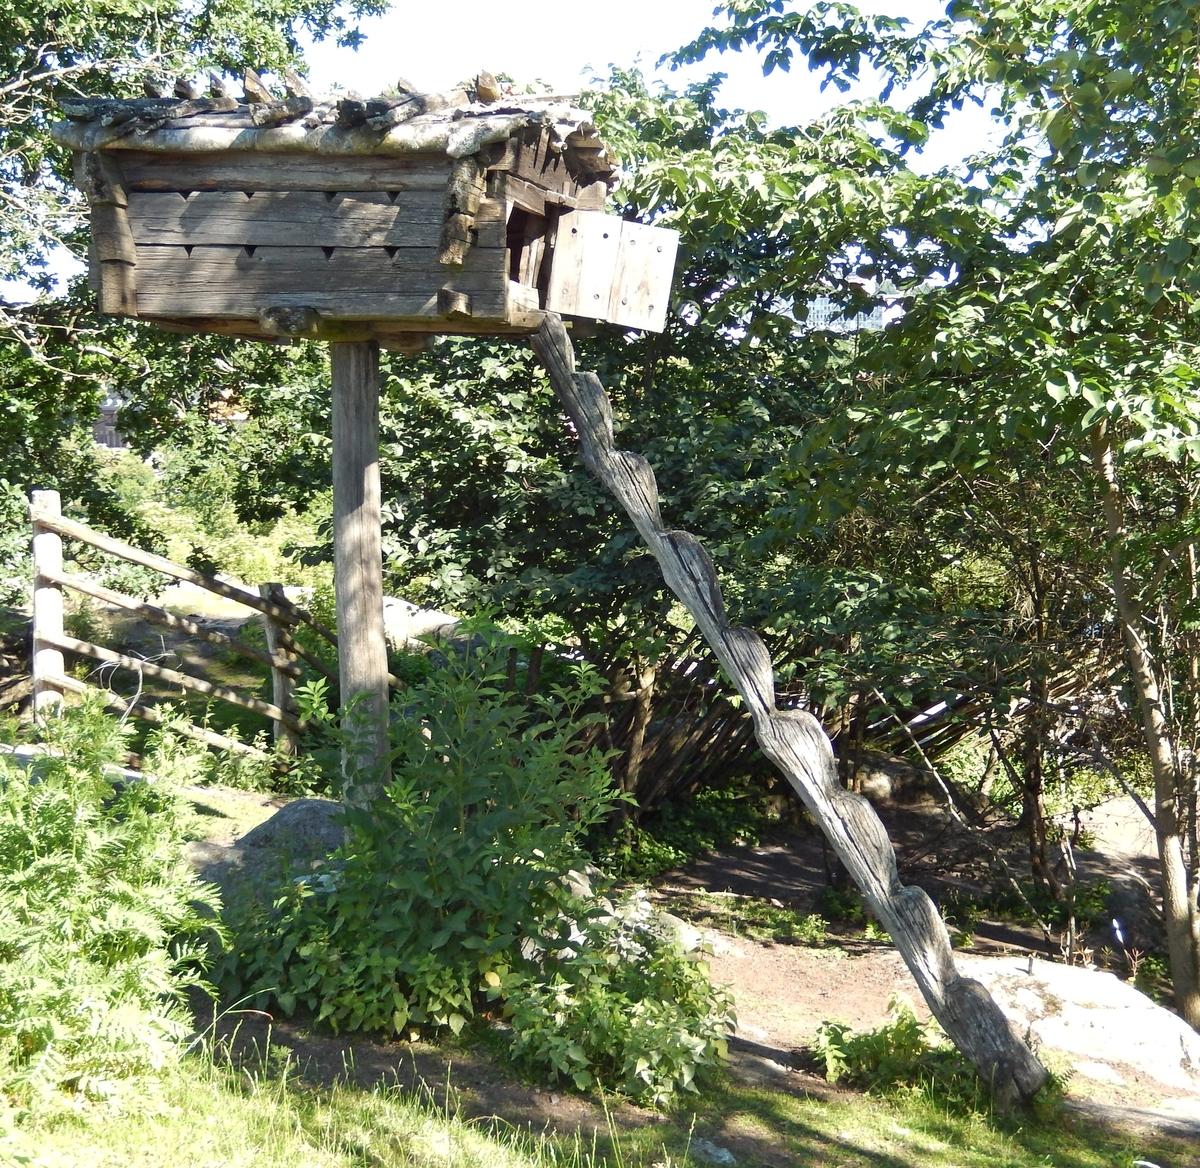 Njallan i Saemien sïjte är en enstolpig timrad bod med sadeltak, näver som tätskikt samt takved. Njallorna fanns vid samernas höst-  och vårvisten samt utmed flyttvägarna. De användes för förvaring av exempelvis torkat renkött och fisk för kommande års behov. Boden är placerad på en hög stolpe för att hindra rovdjur från att ta sig in.  Njallan uppfördes i början av 1980-talet och är en kopia av den ursprungliga njallan som sattes upp på Skansen 1891. Originalet kommer från det område som idag ingår i Baste sameby, Lule lappmark i Gällivare socken, och finns på Nordiska museet.